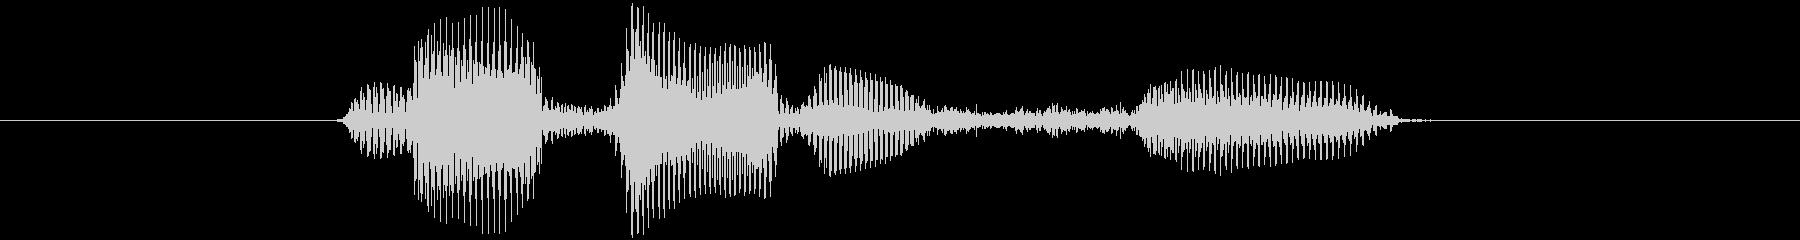 レベル3(さん)の未再生の波形